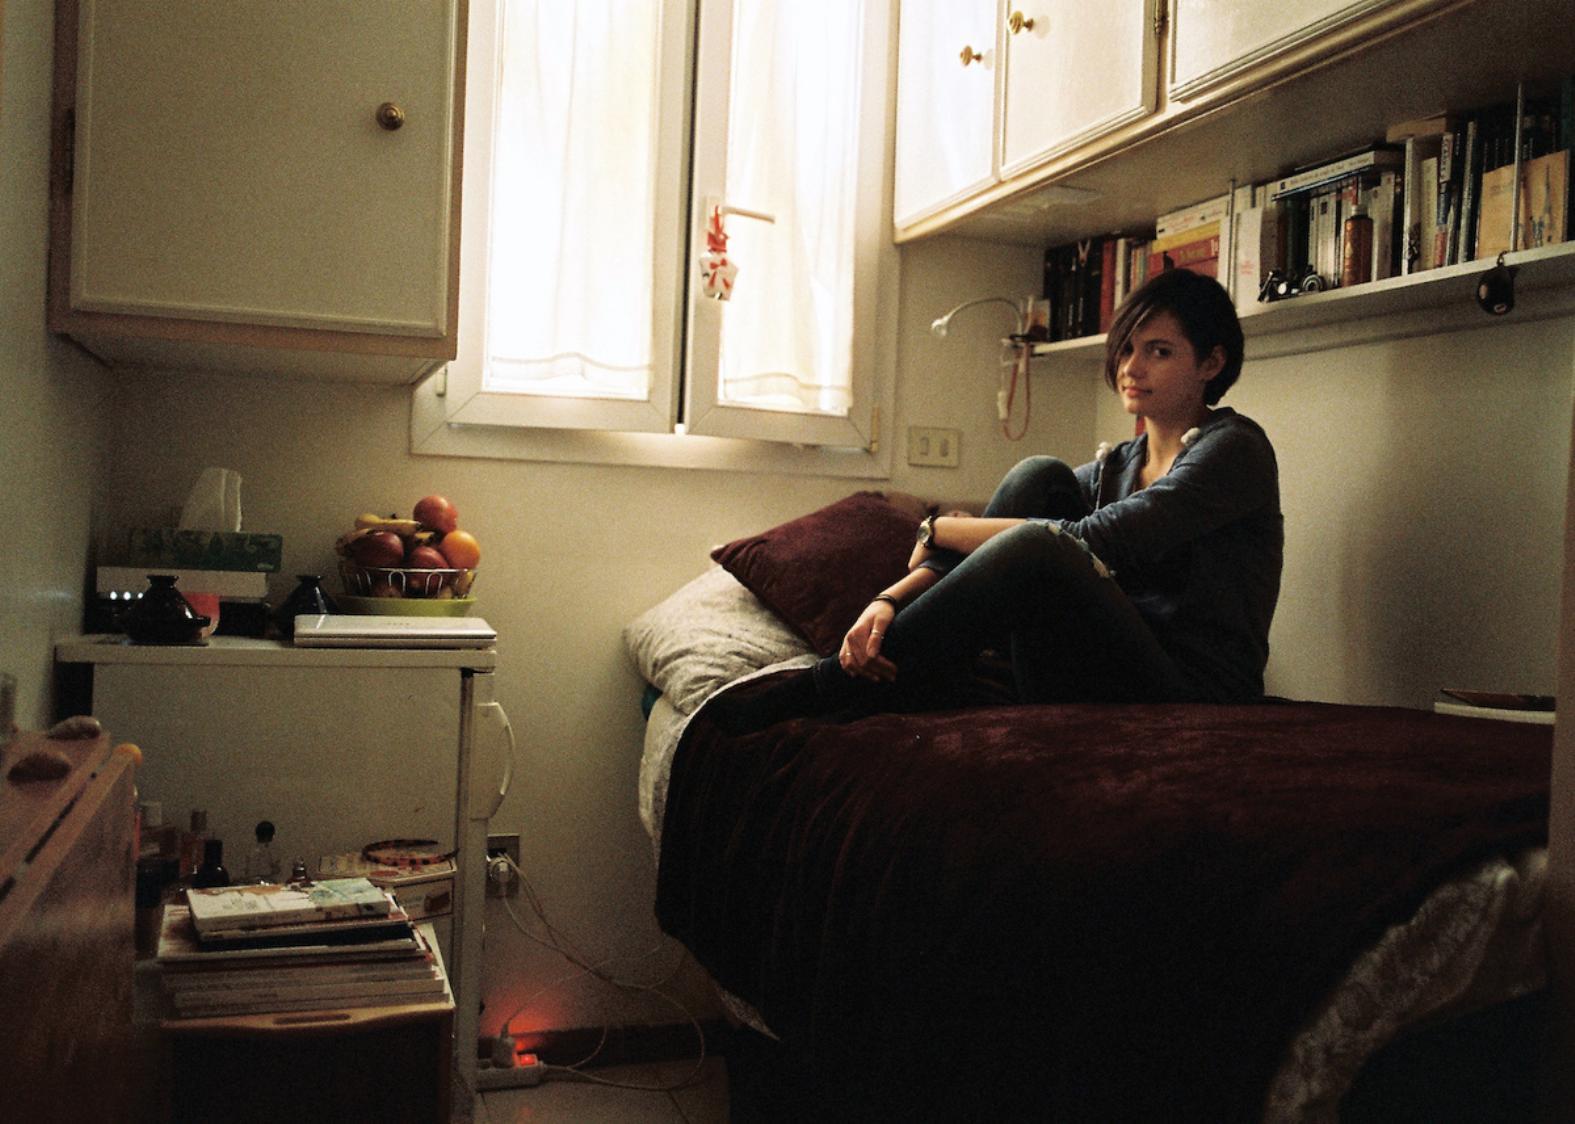 Chambre De Bonne Sur Paris avec-les-habitants-des-chambres-de-bonne-de-paris-912-body-image